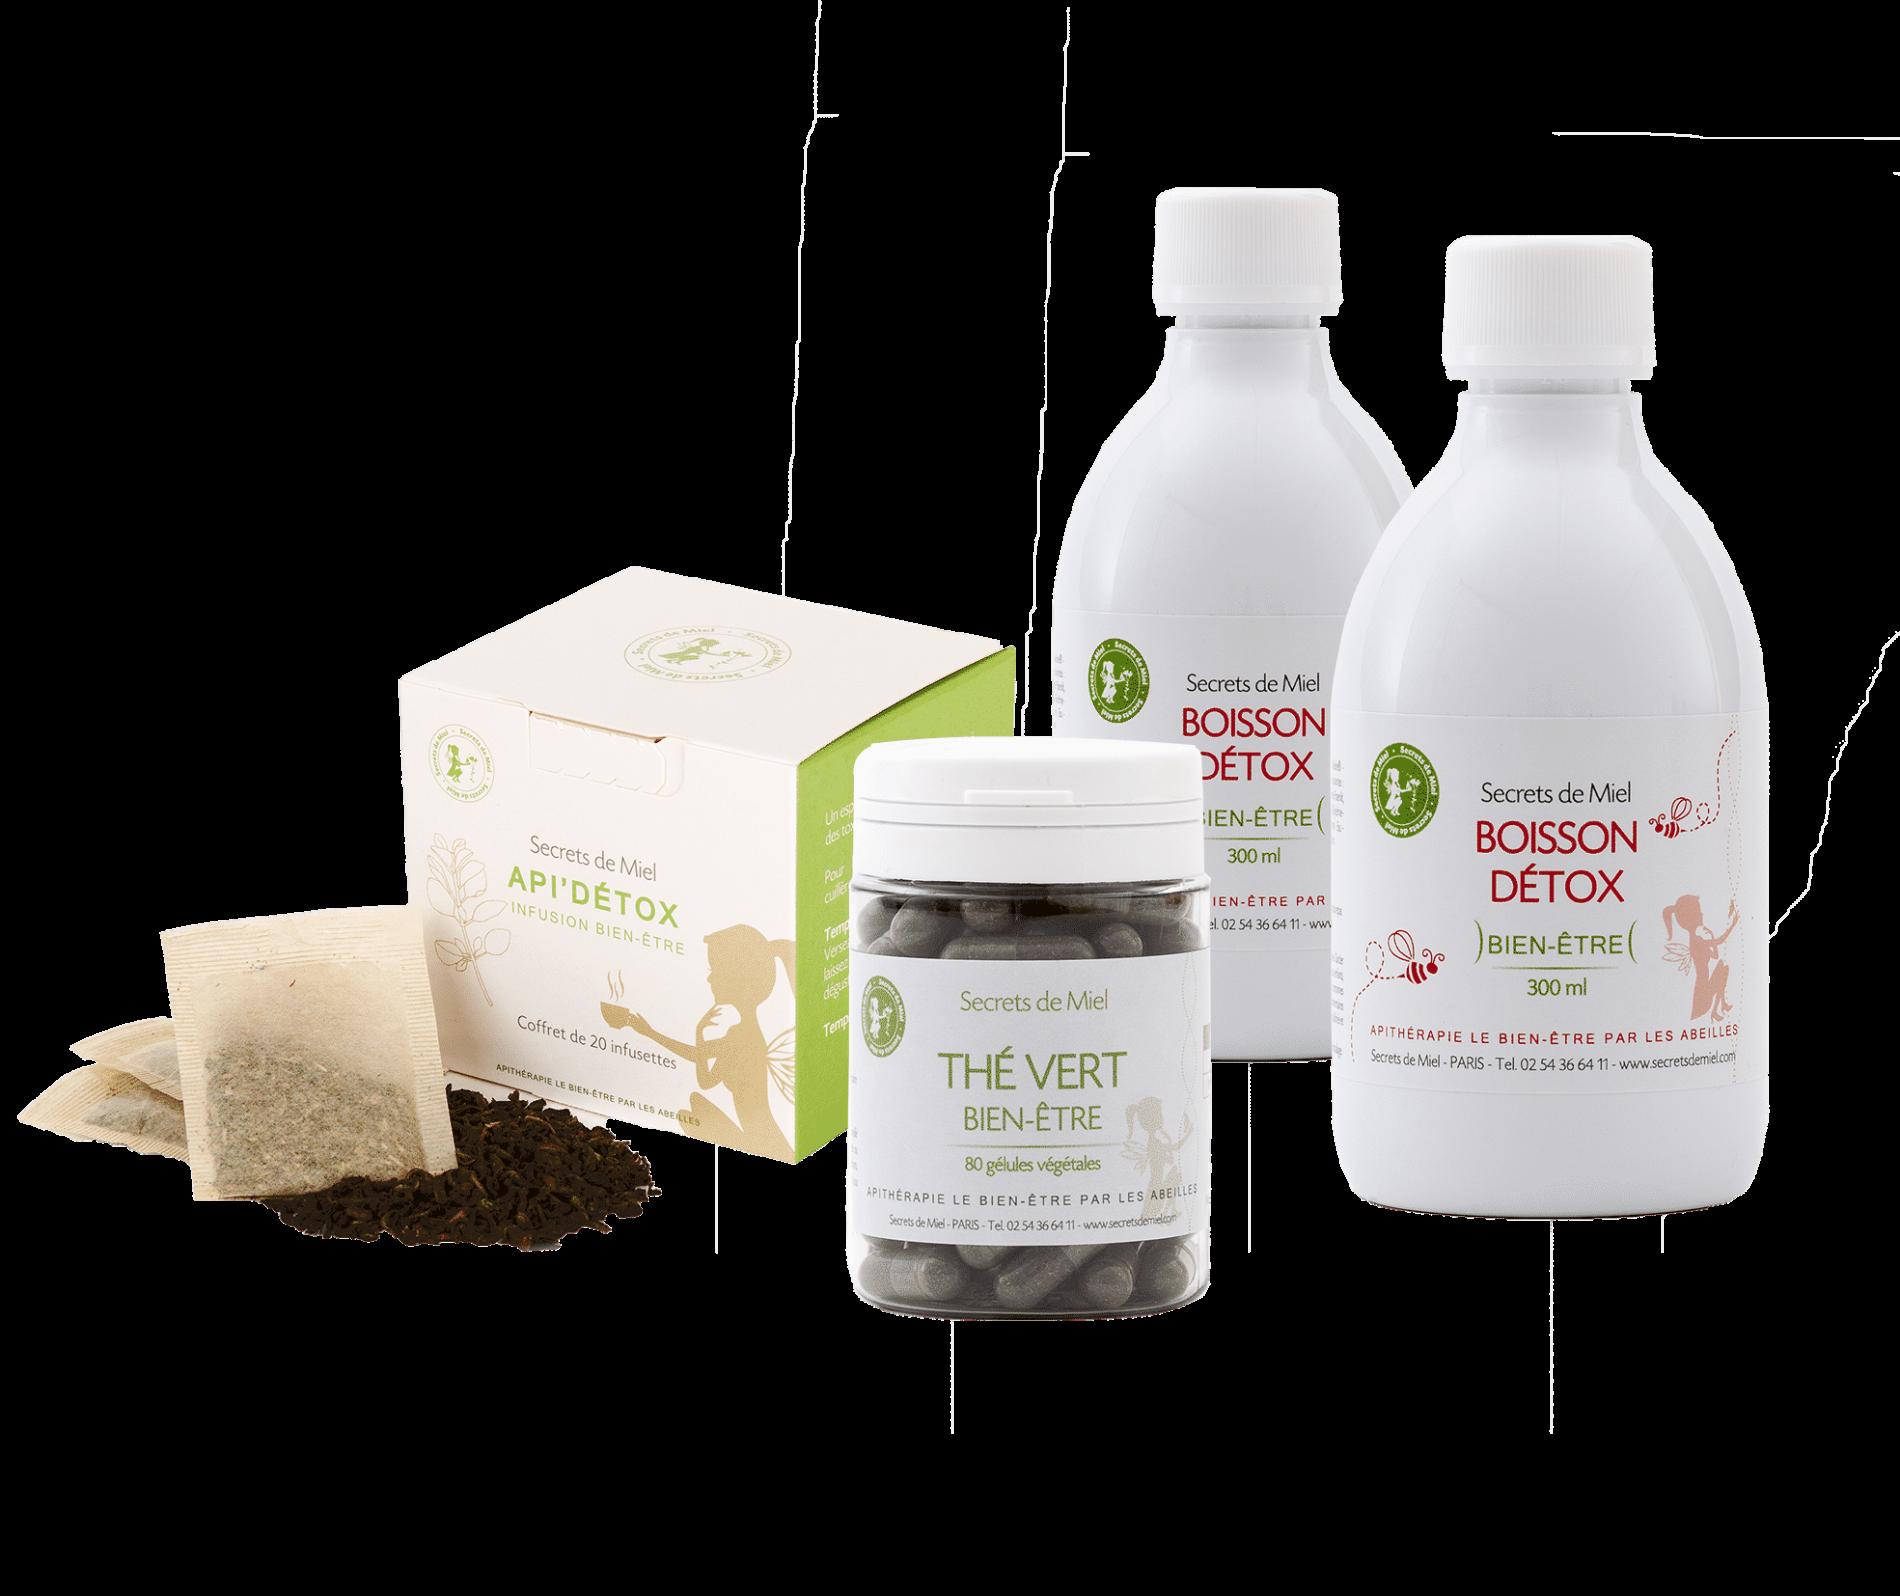 programme détox - offre spéciale - Secrets de Miel - produits naturels - Détox